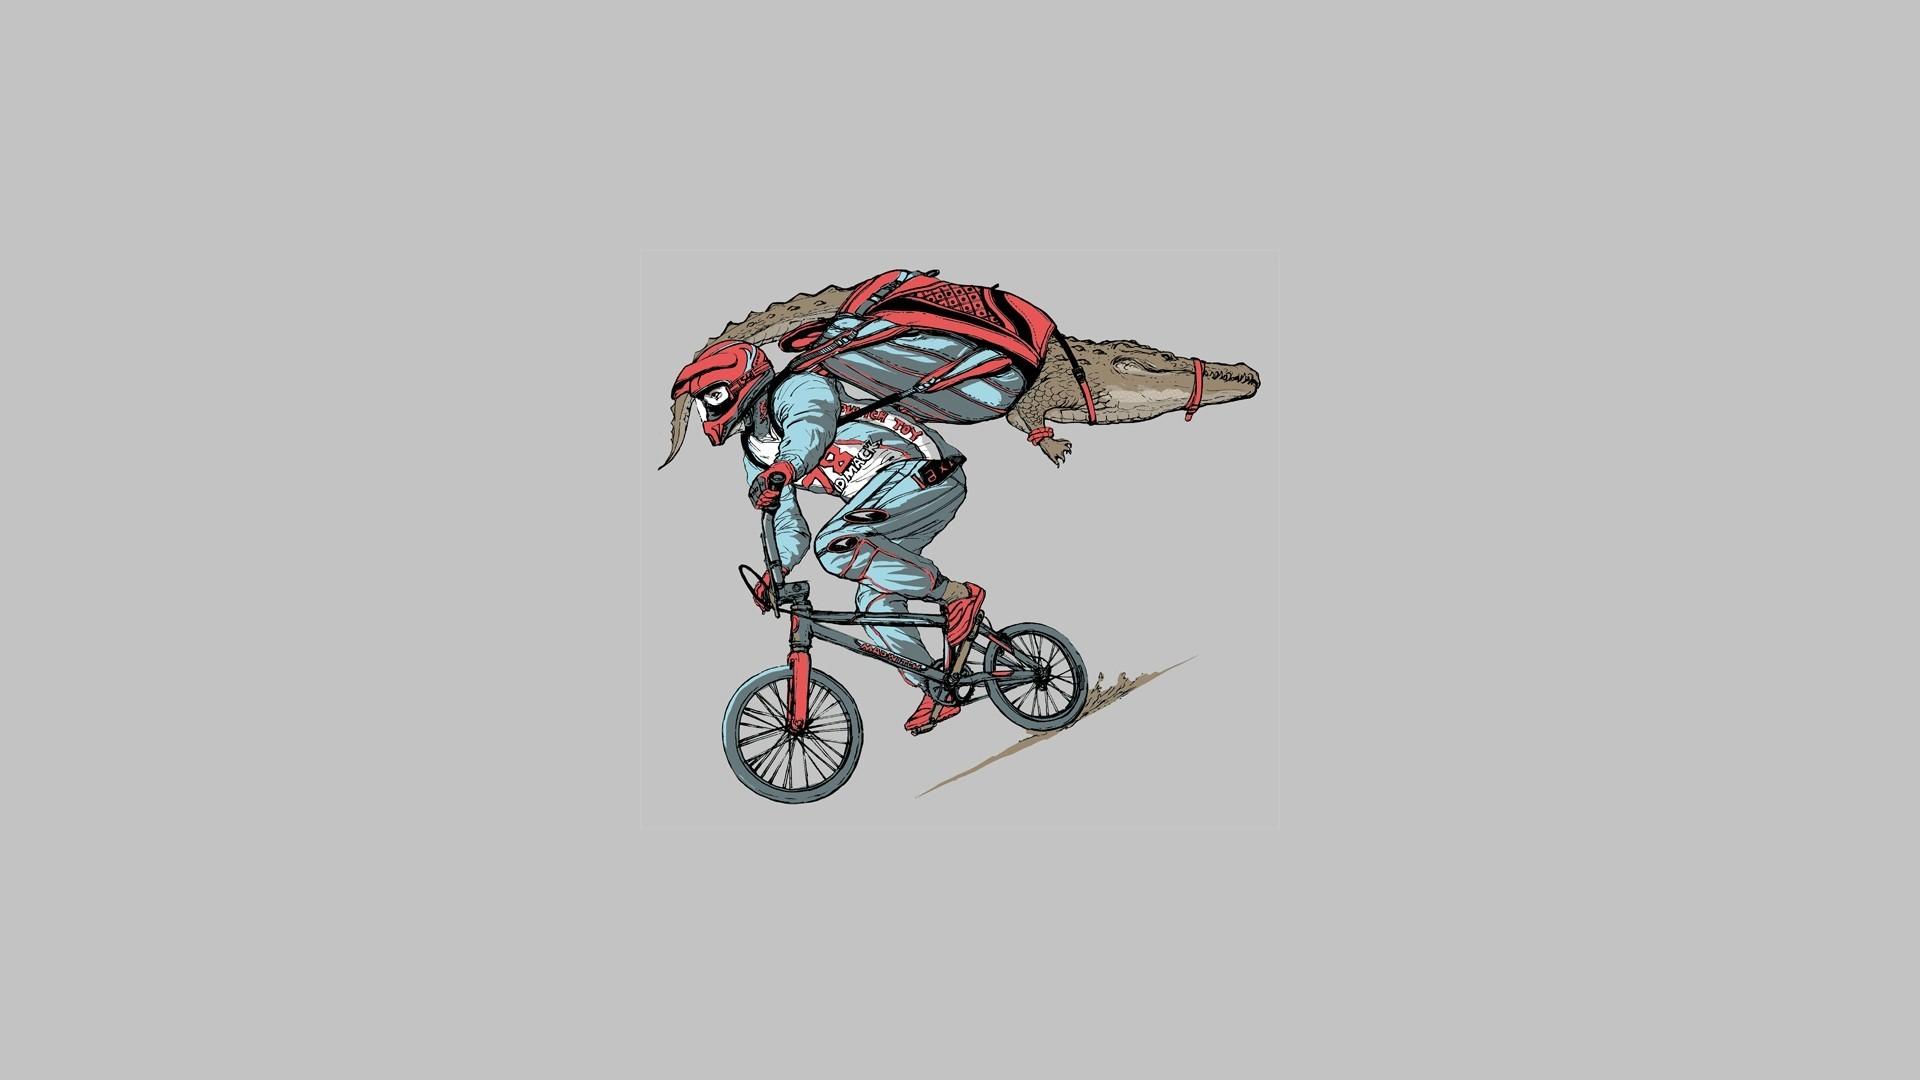 Hintergrundbilder sport illustration einfacher for Minimalismus extrem